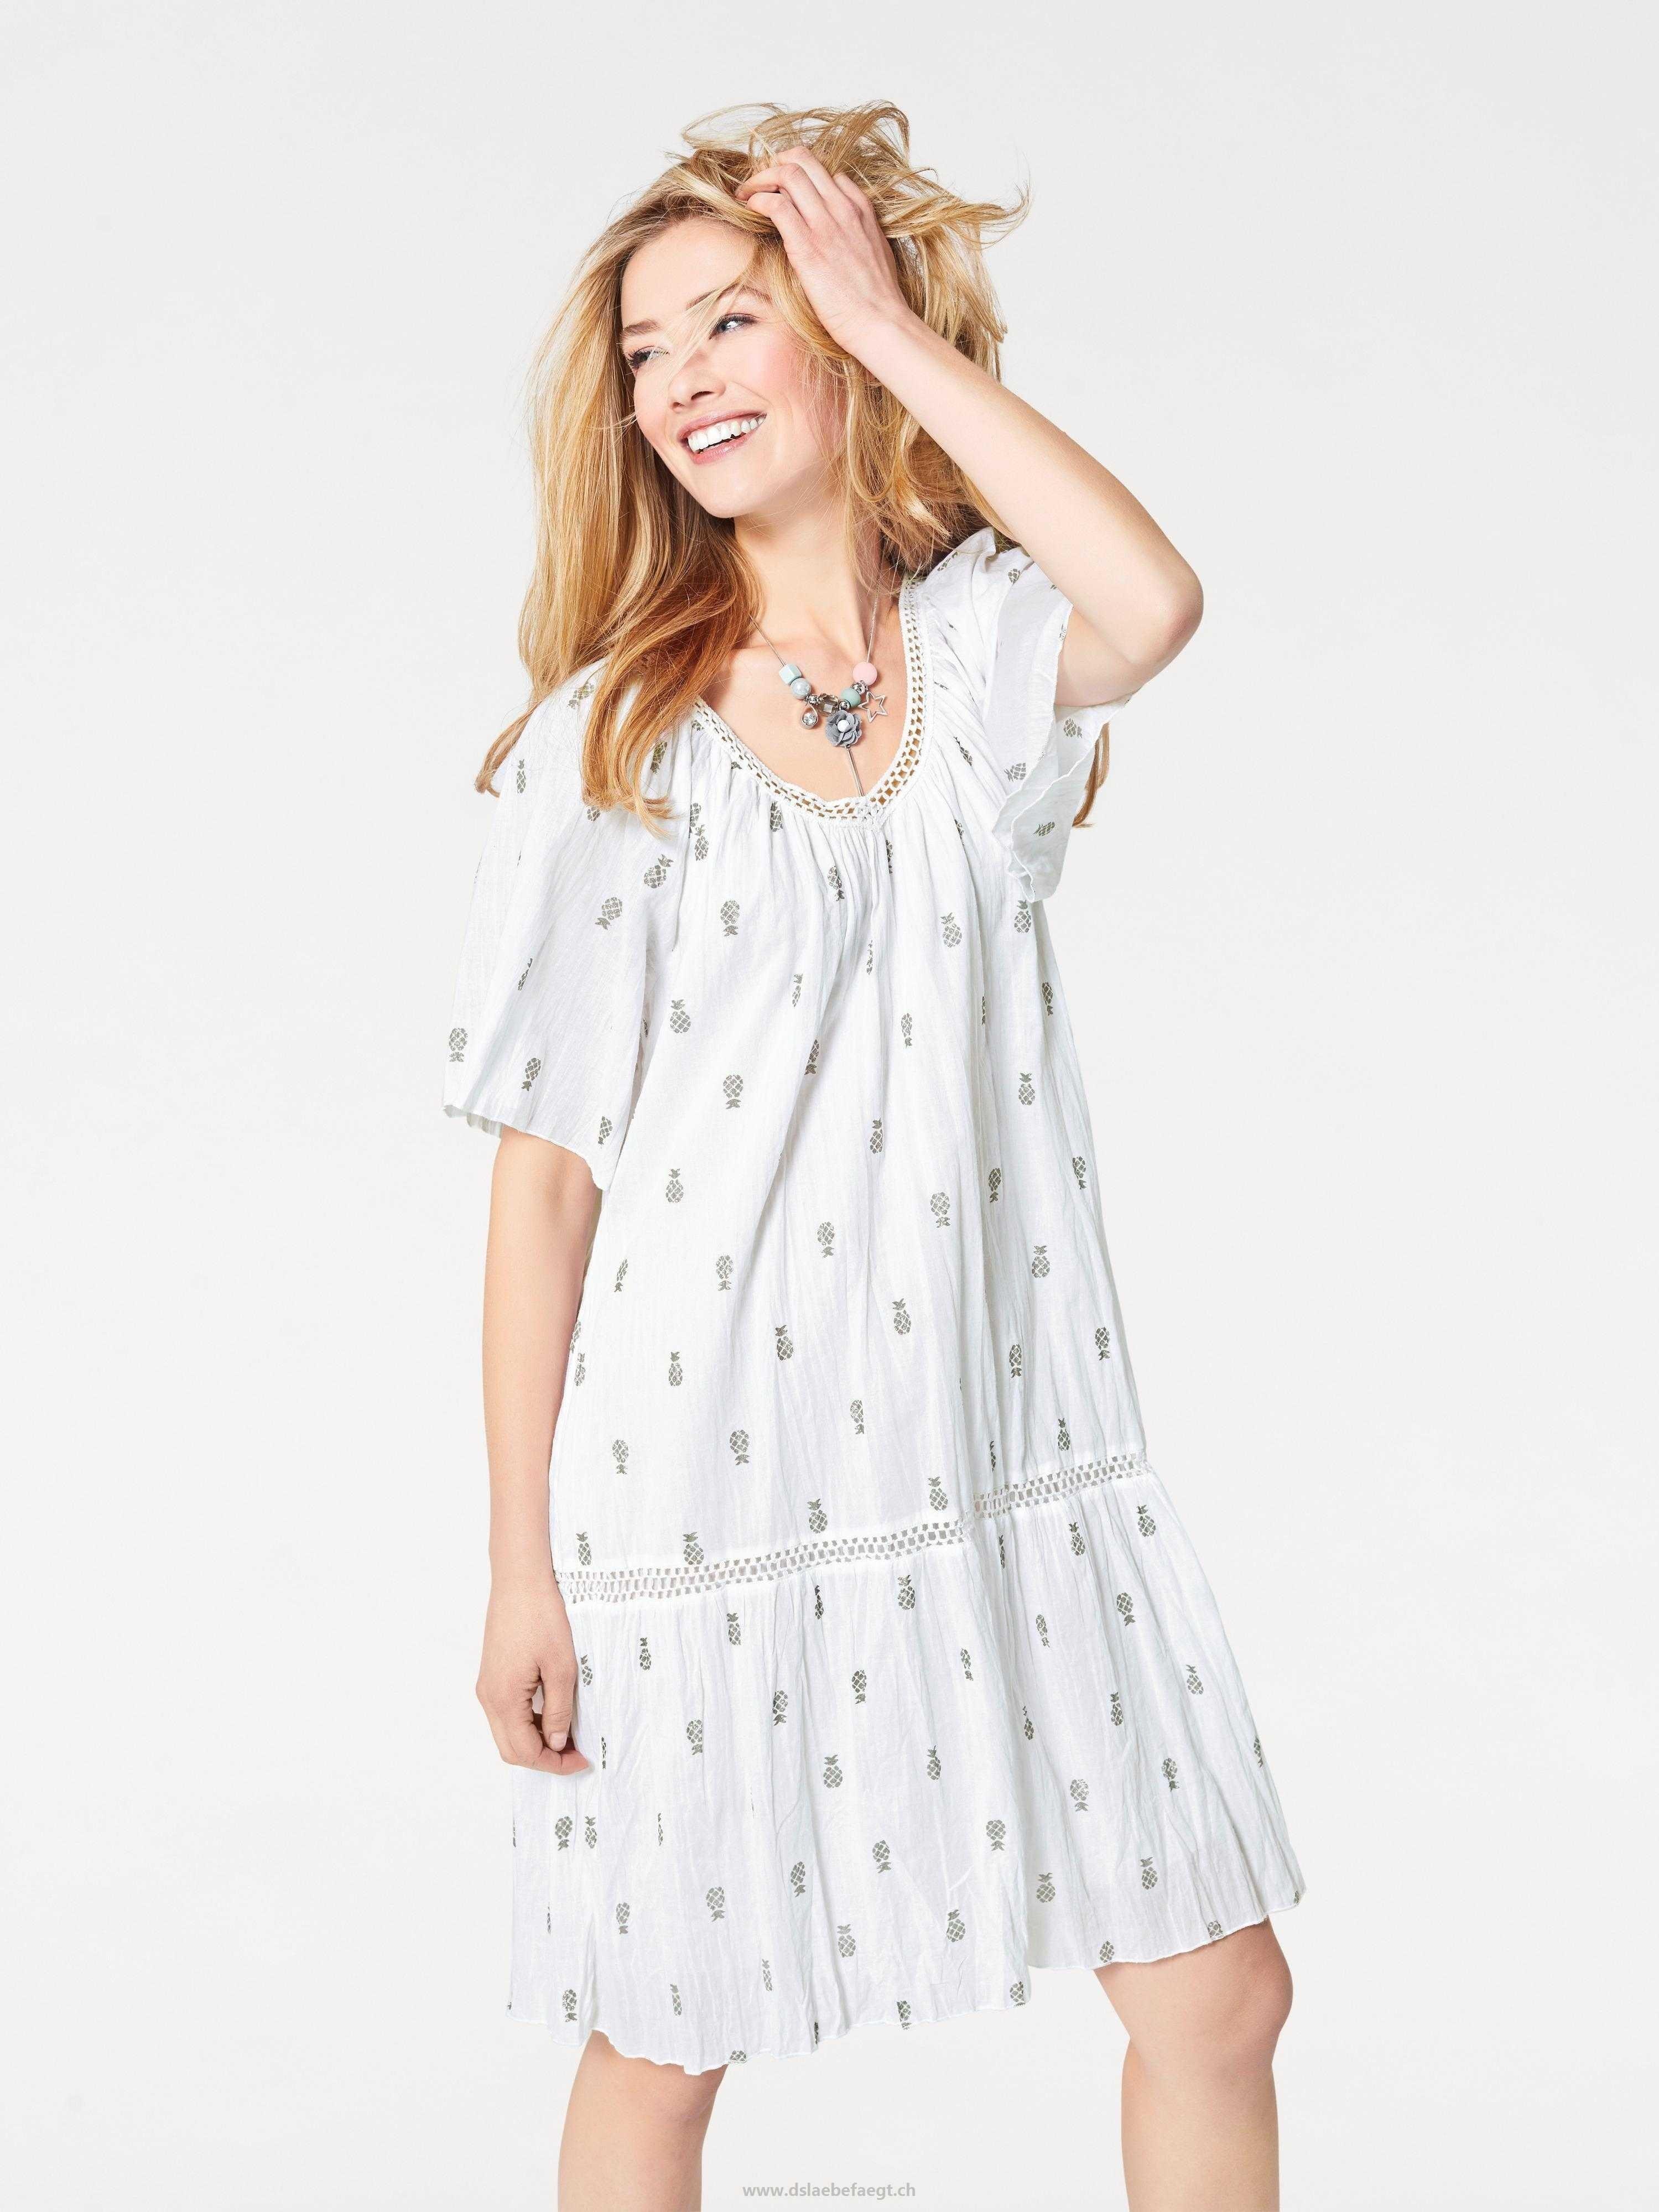 13 Wunderbar Damenkleider Gr 44 SpezialgebietFormal Fantastisch Damenkleider Gr 44 Ärmel